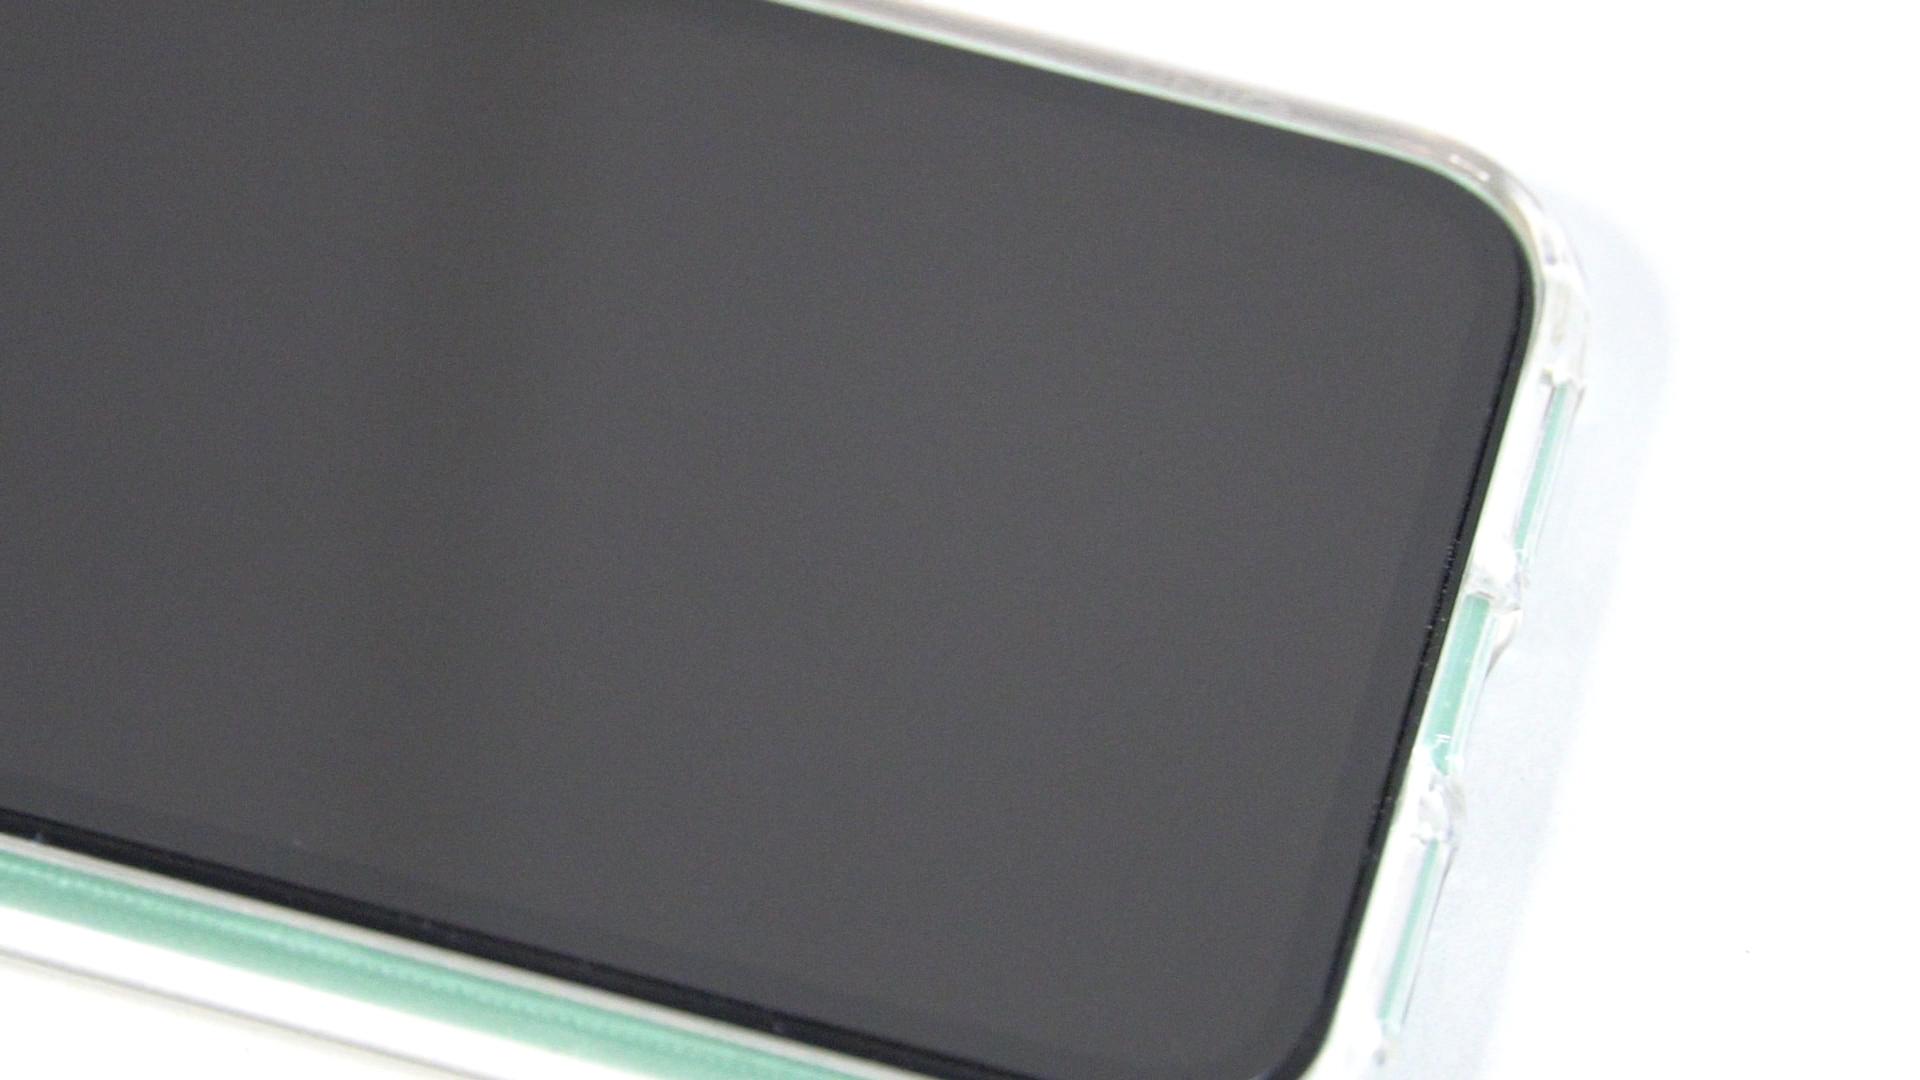 莫氏硬度9的藍寶石螢幕貼毫無刮痕